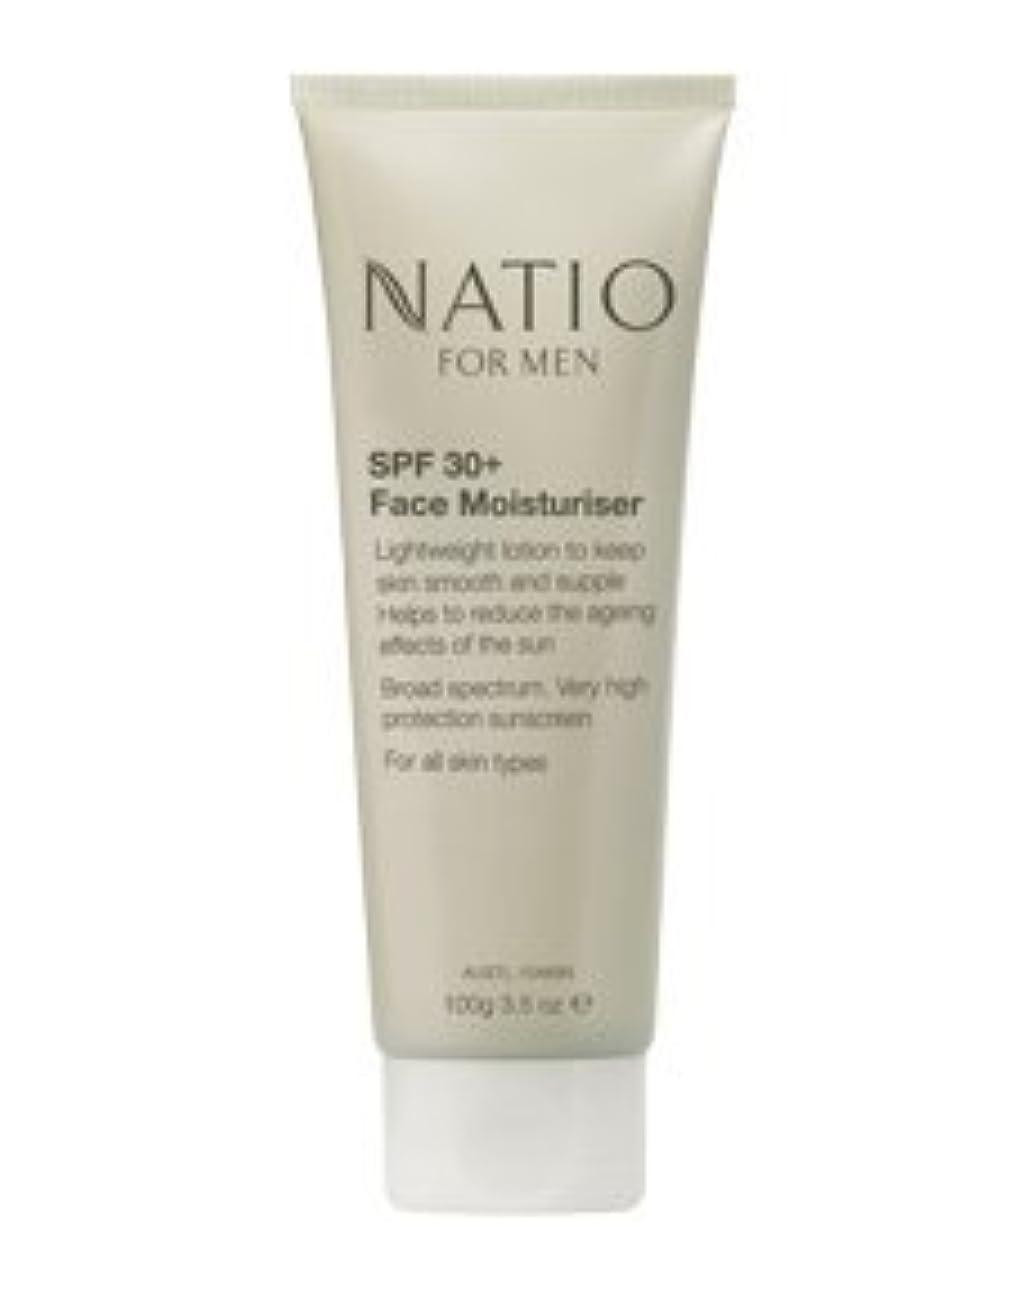 前任者前任者支払い【NATIO FOR MEN SPF 30+ Face Moisturiser】 ナティオ  SPF 30+ フェイス モイスチャライザー [海外直送品]